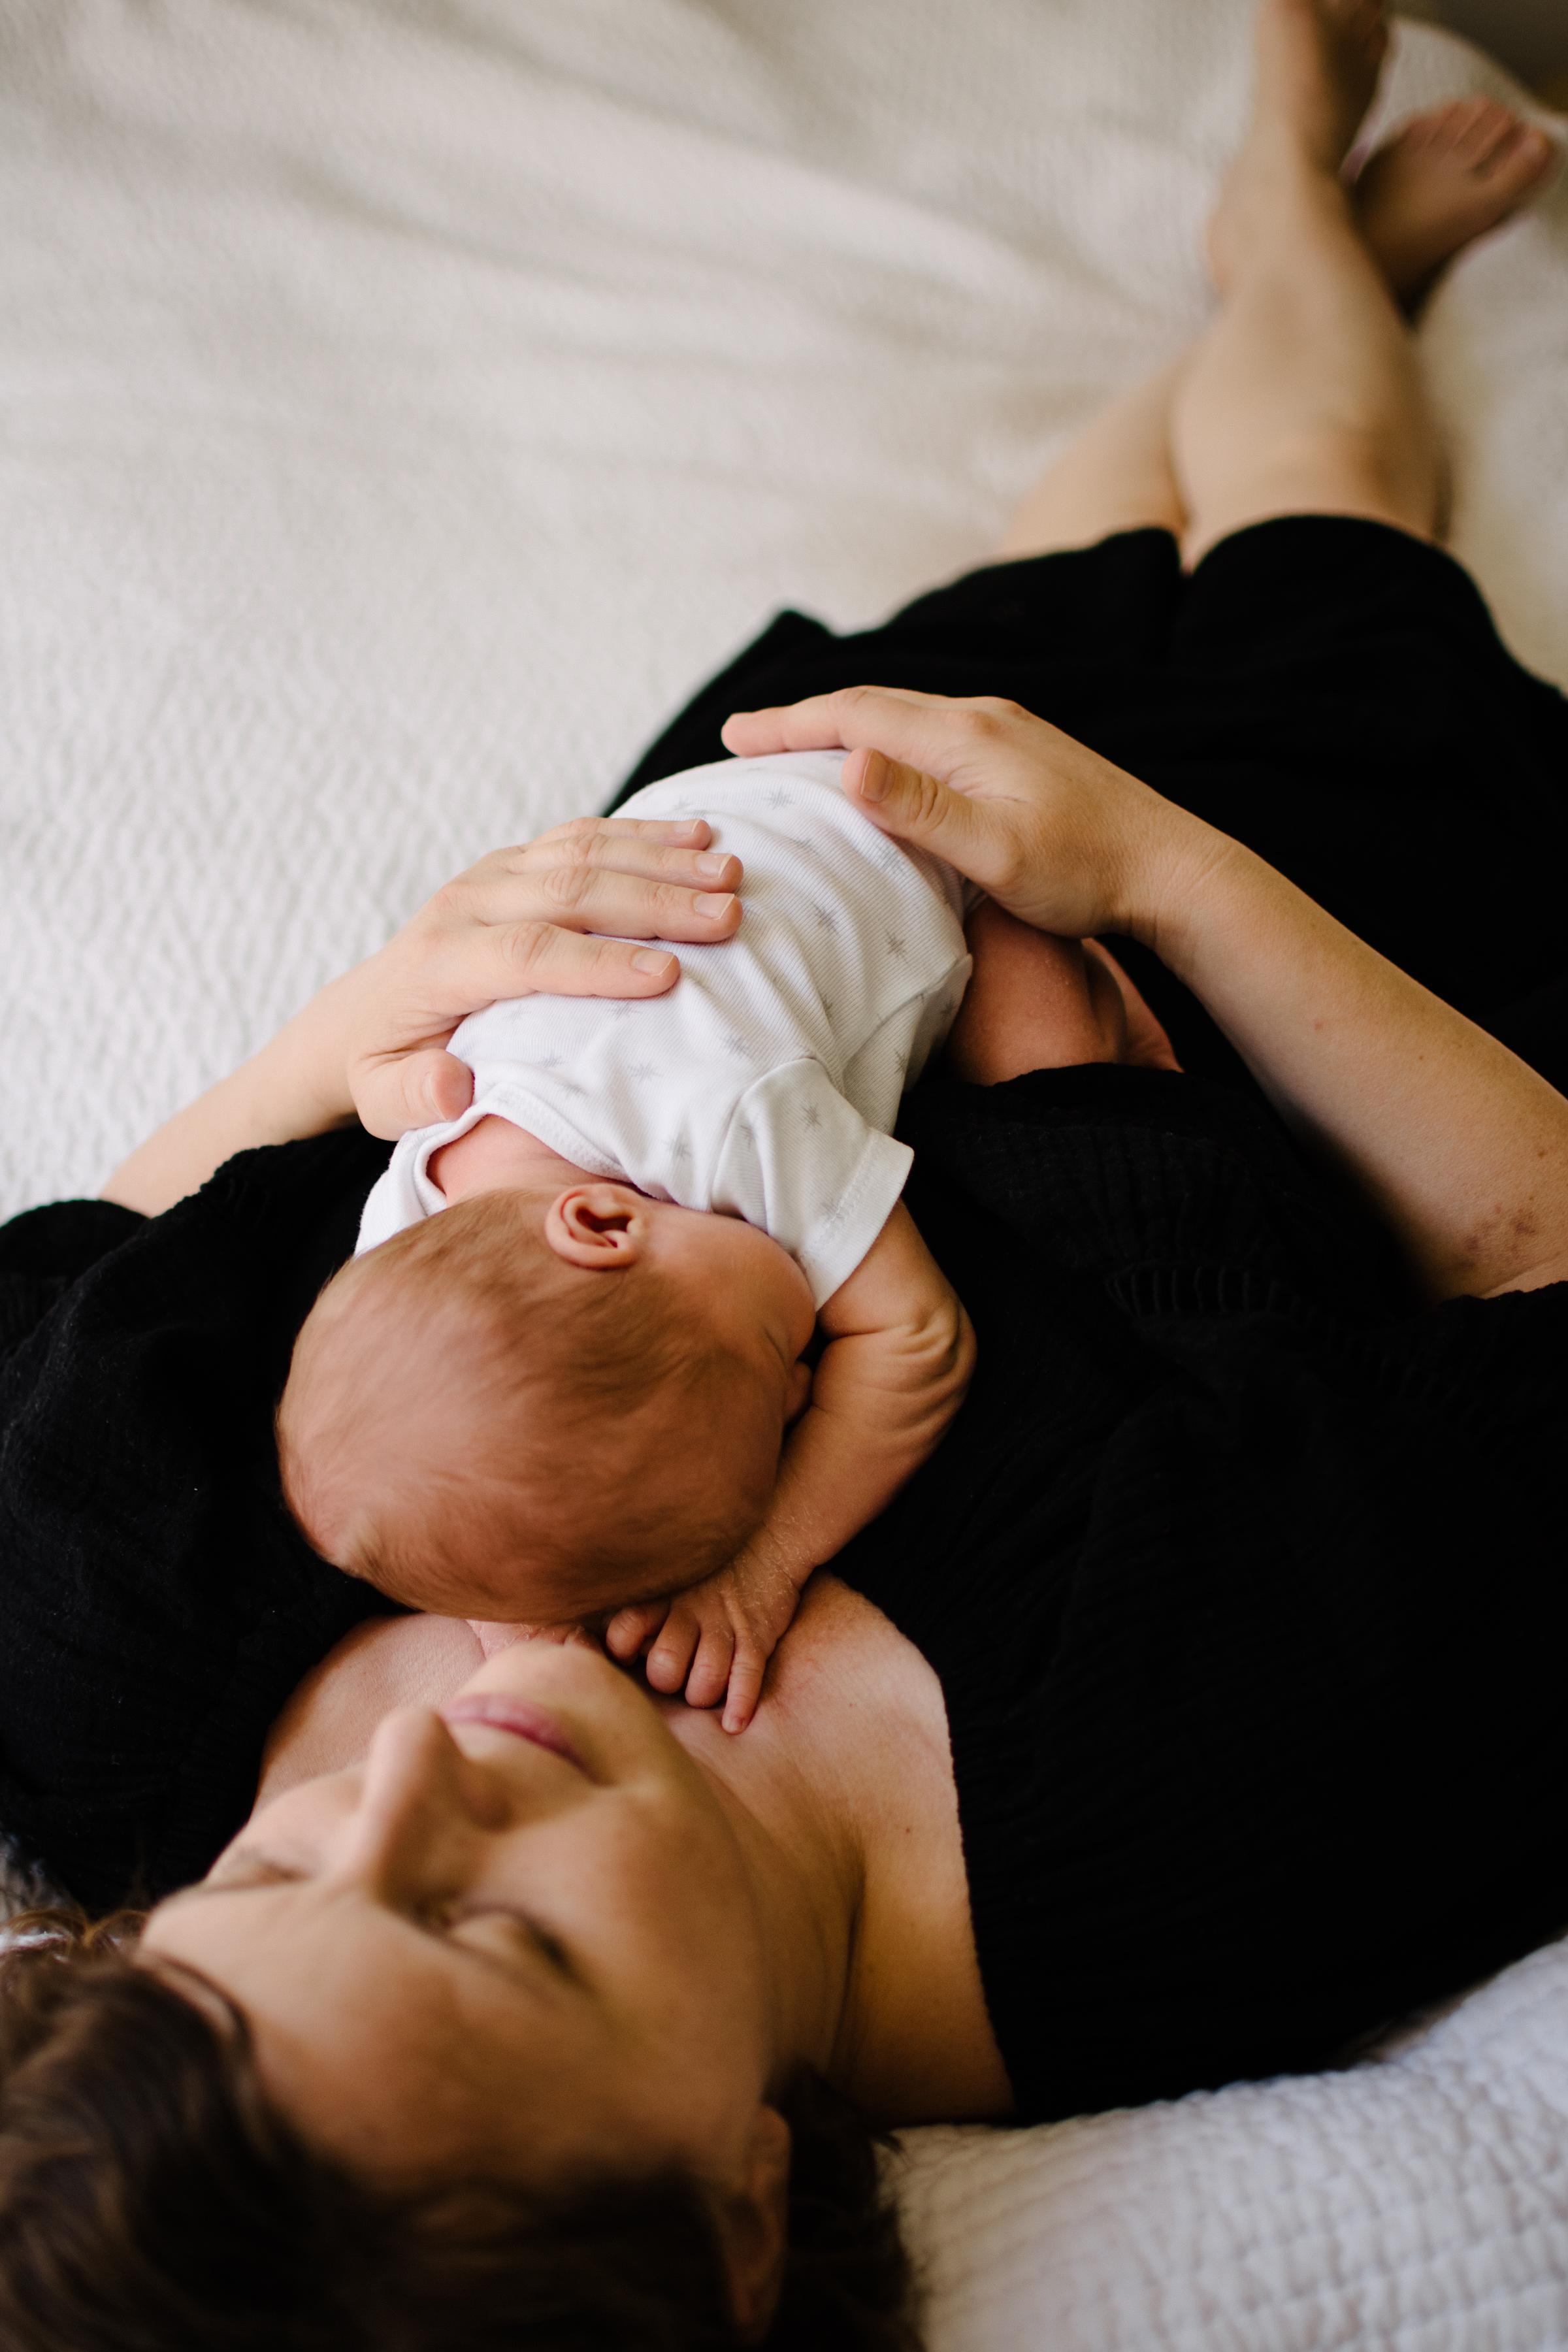 photo-d-un-nouveau-ne-endormi_avec-sa-maman_photographe-lifestyle-famille-montreal-5.jpg